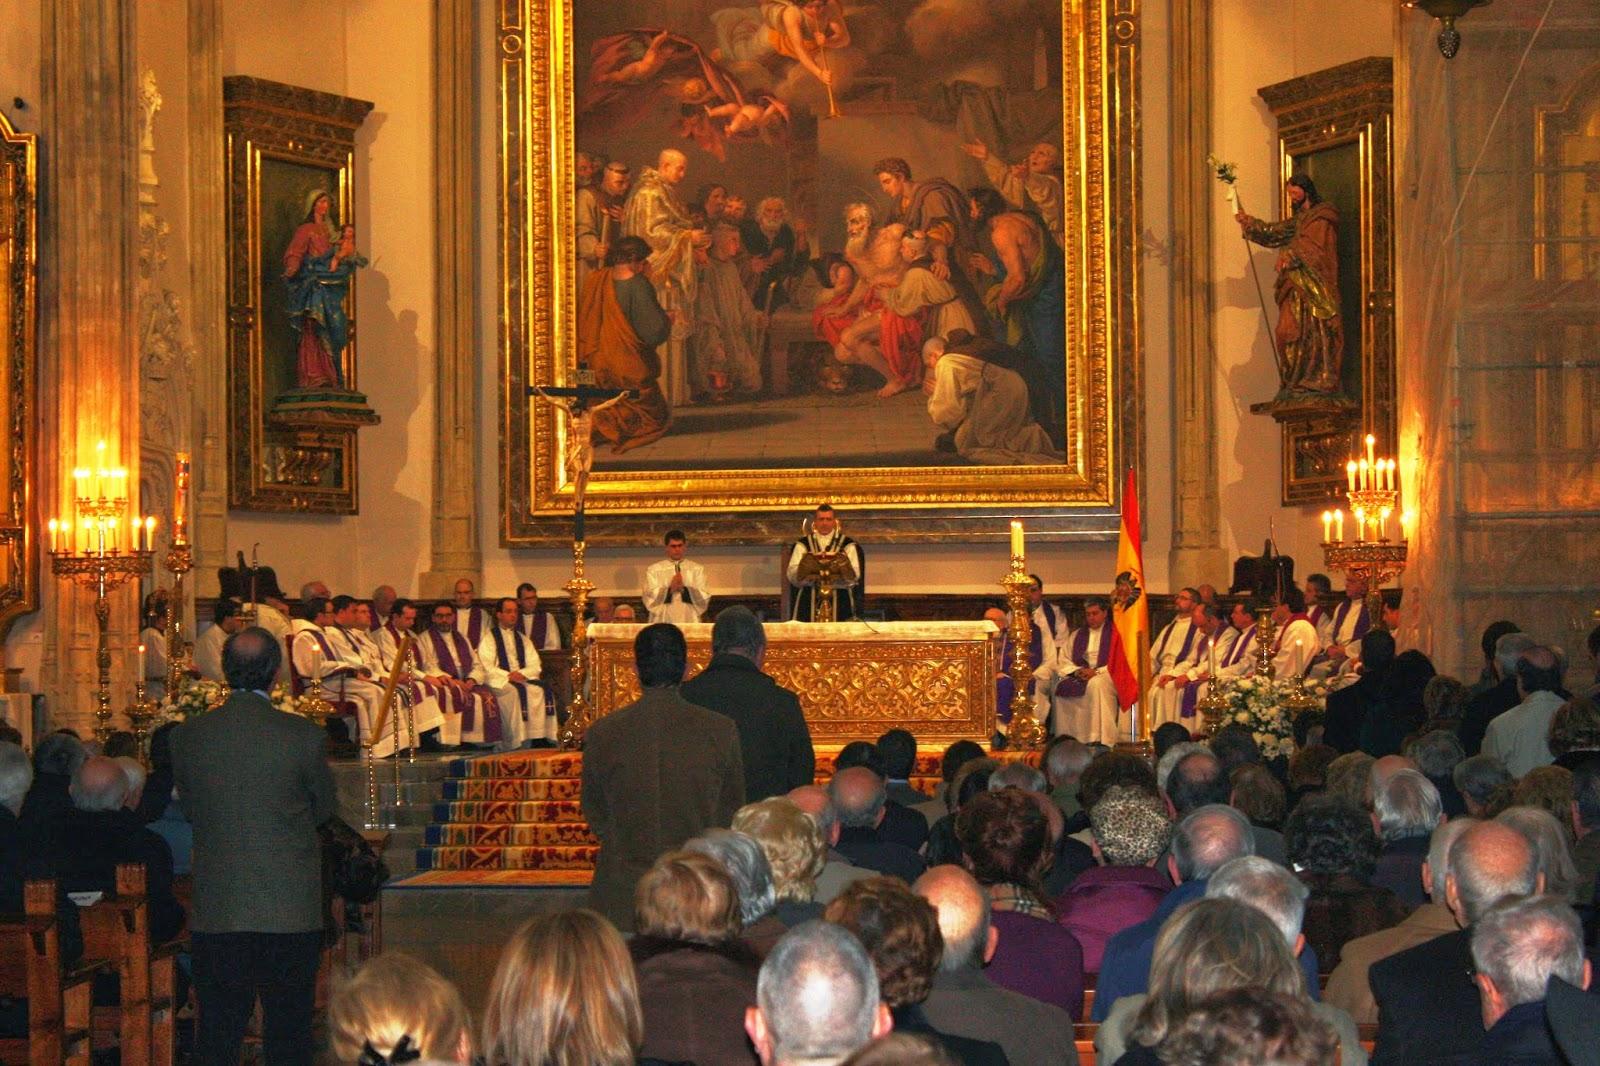 Imágenes del altar en el que se ofició el homenaje a Blas Piñar. AJE